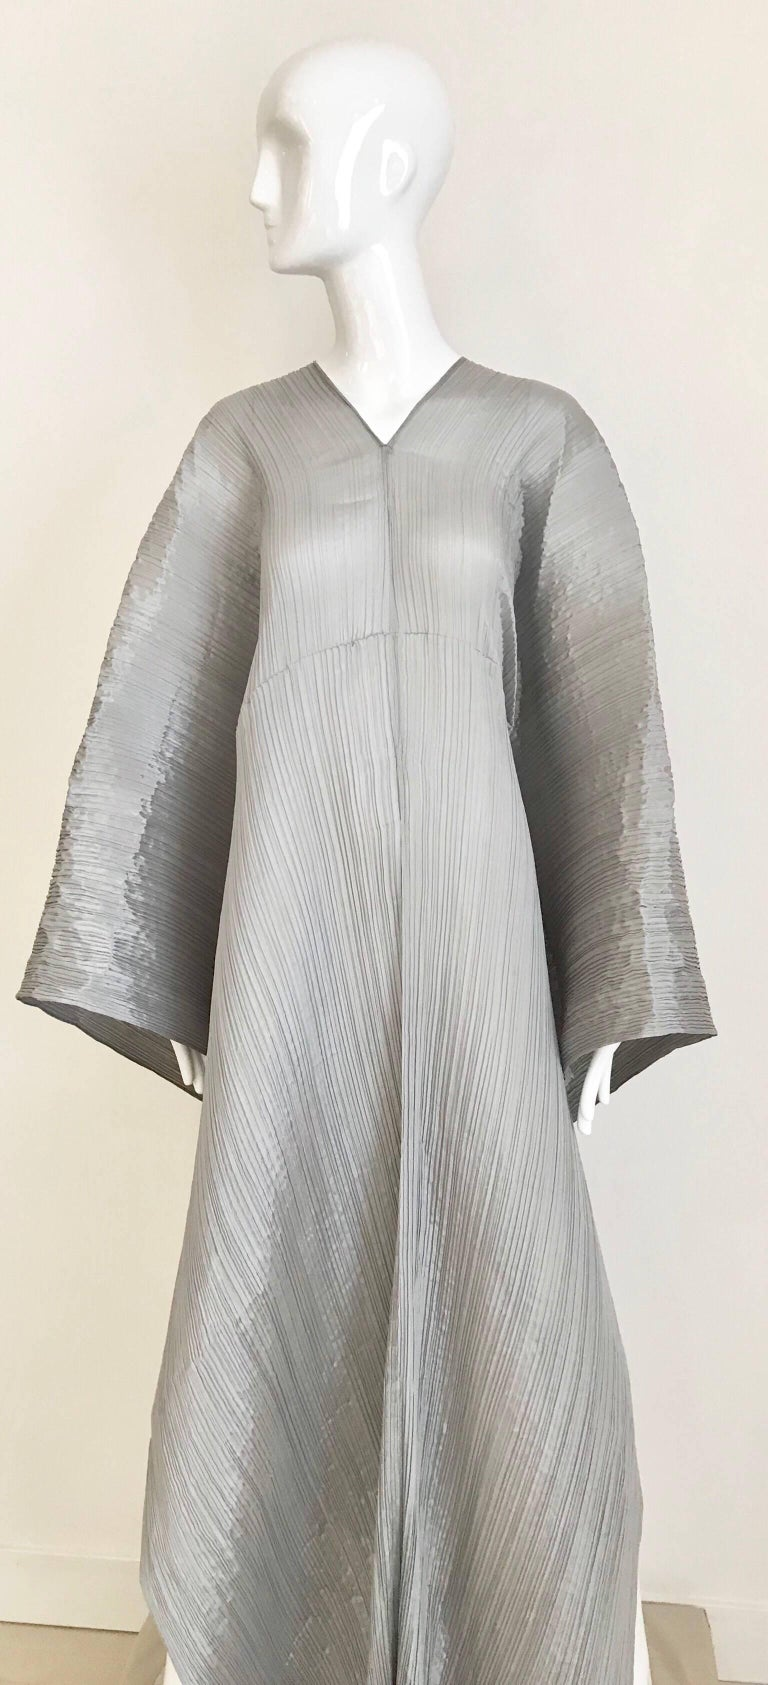 Women's Issey Miyake Pleats Please Silver Grey Caftan Dress For Sale